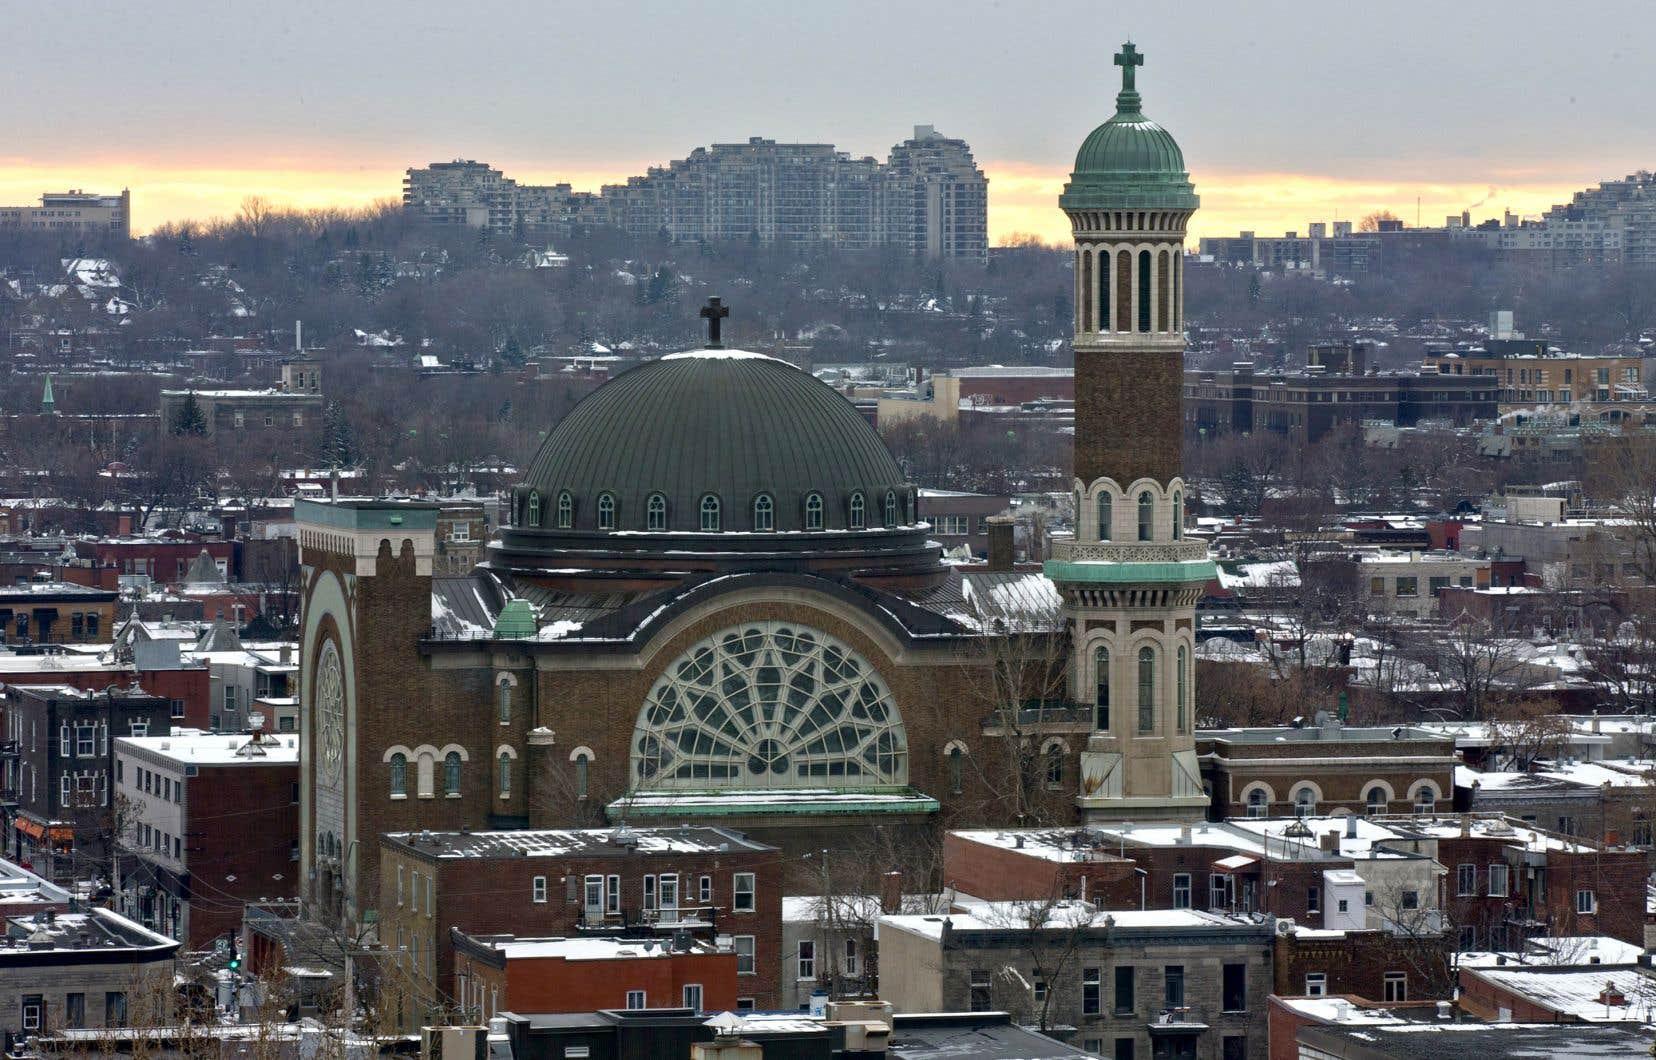 «Au Québec, la majorité francophone s'est largement affranchie de la religion, et ce, en partie à cause du caractère oppressant de l'Église catholique», souligne l'auteur.